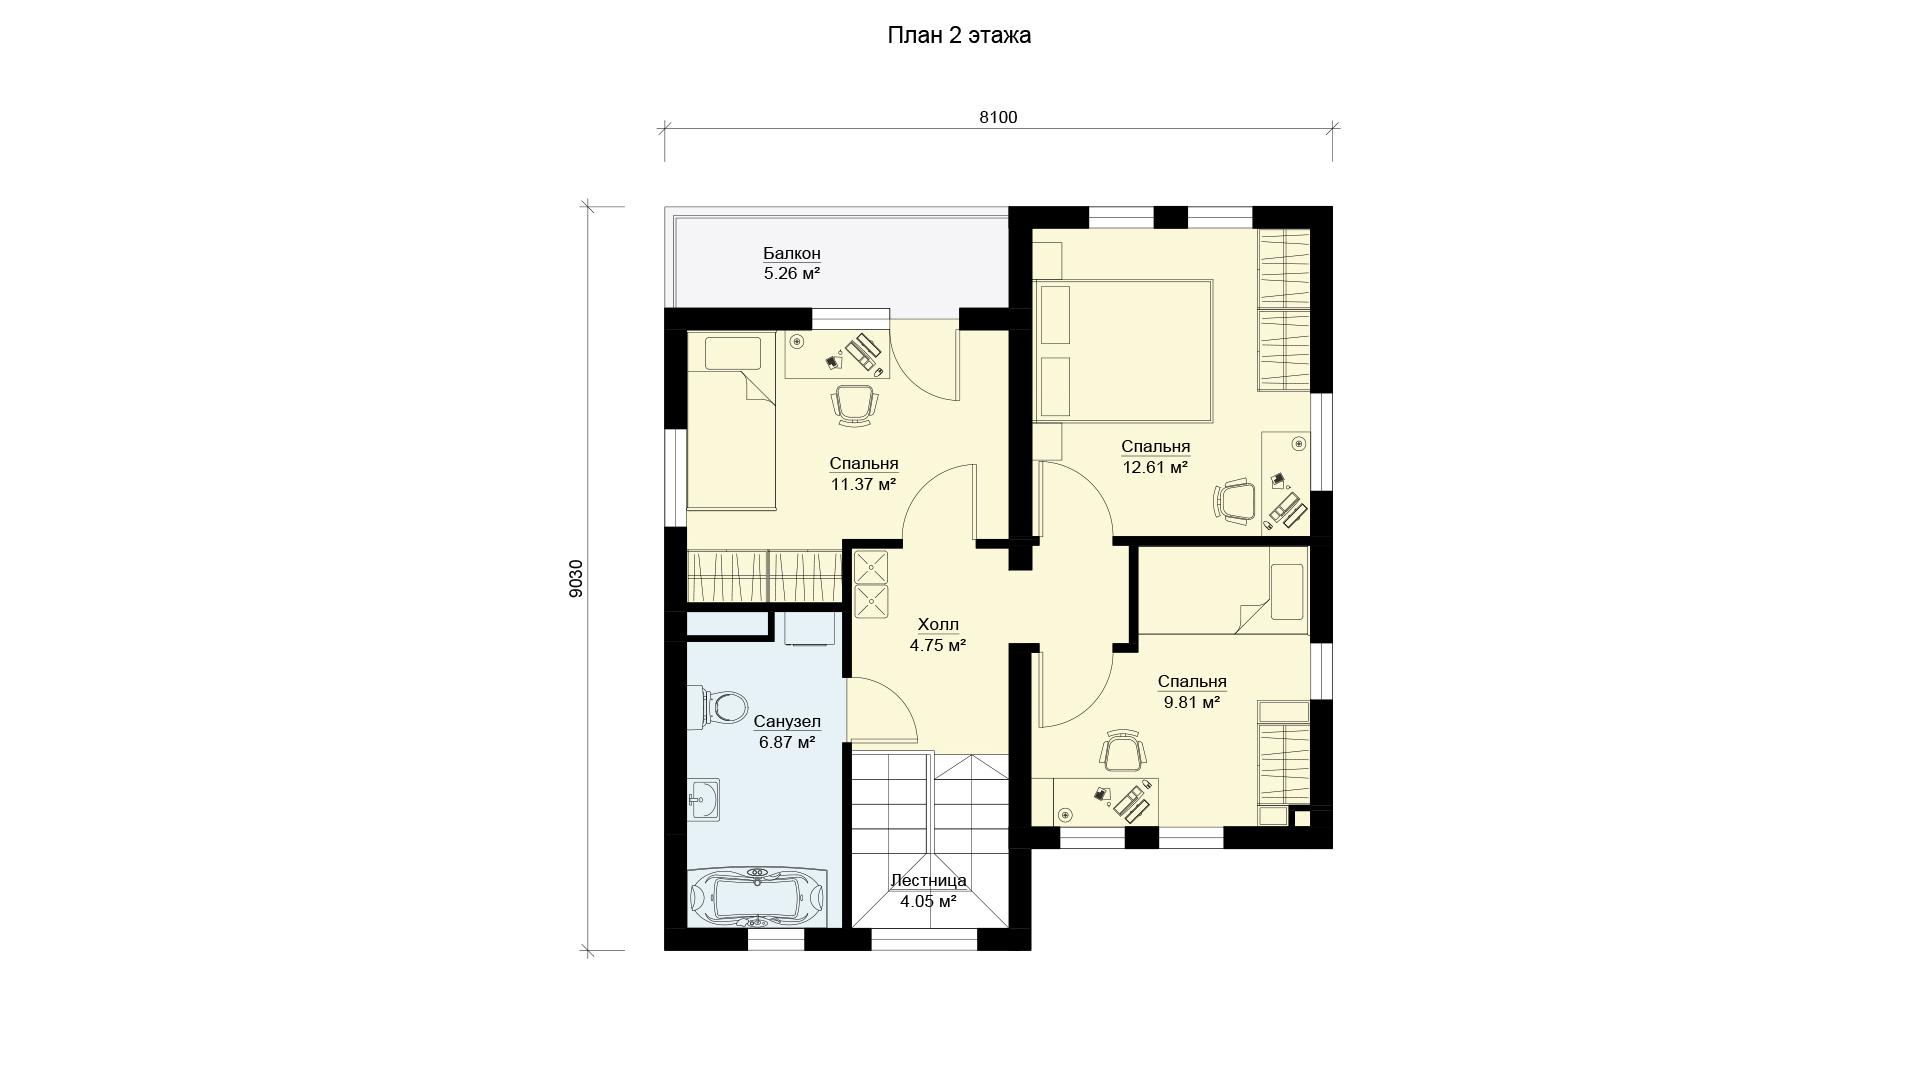 План второго этажа загородного дома 9 на 9 двухэтажного, проект БЭНПАН МС-146 В.